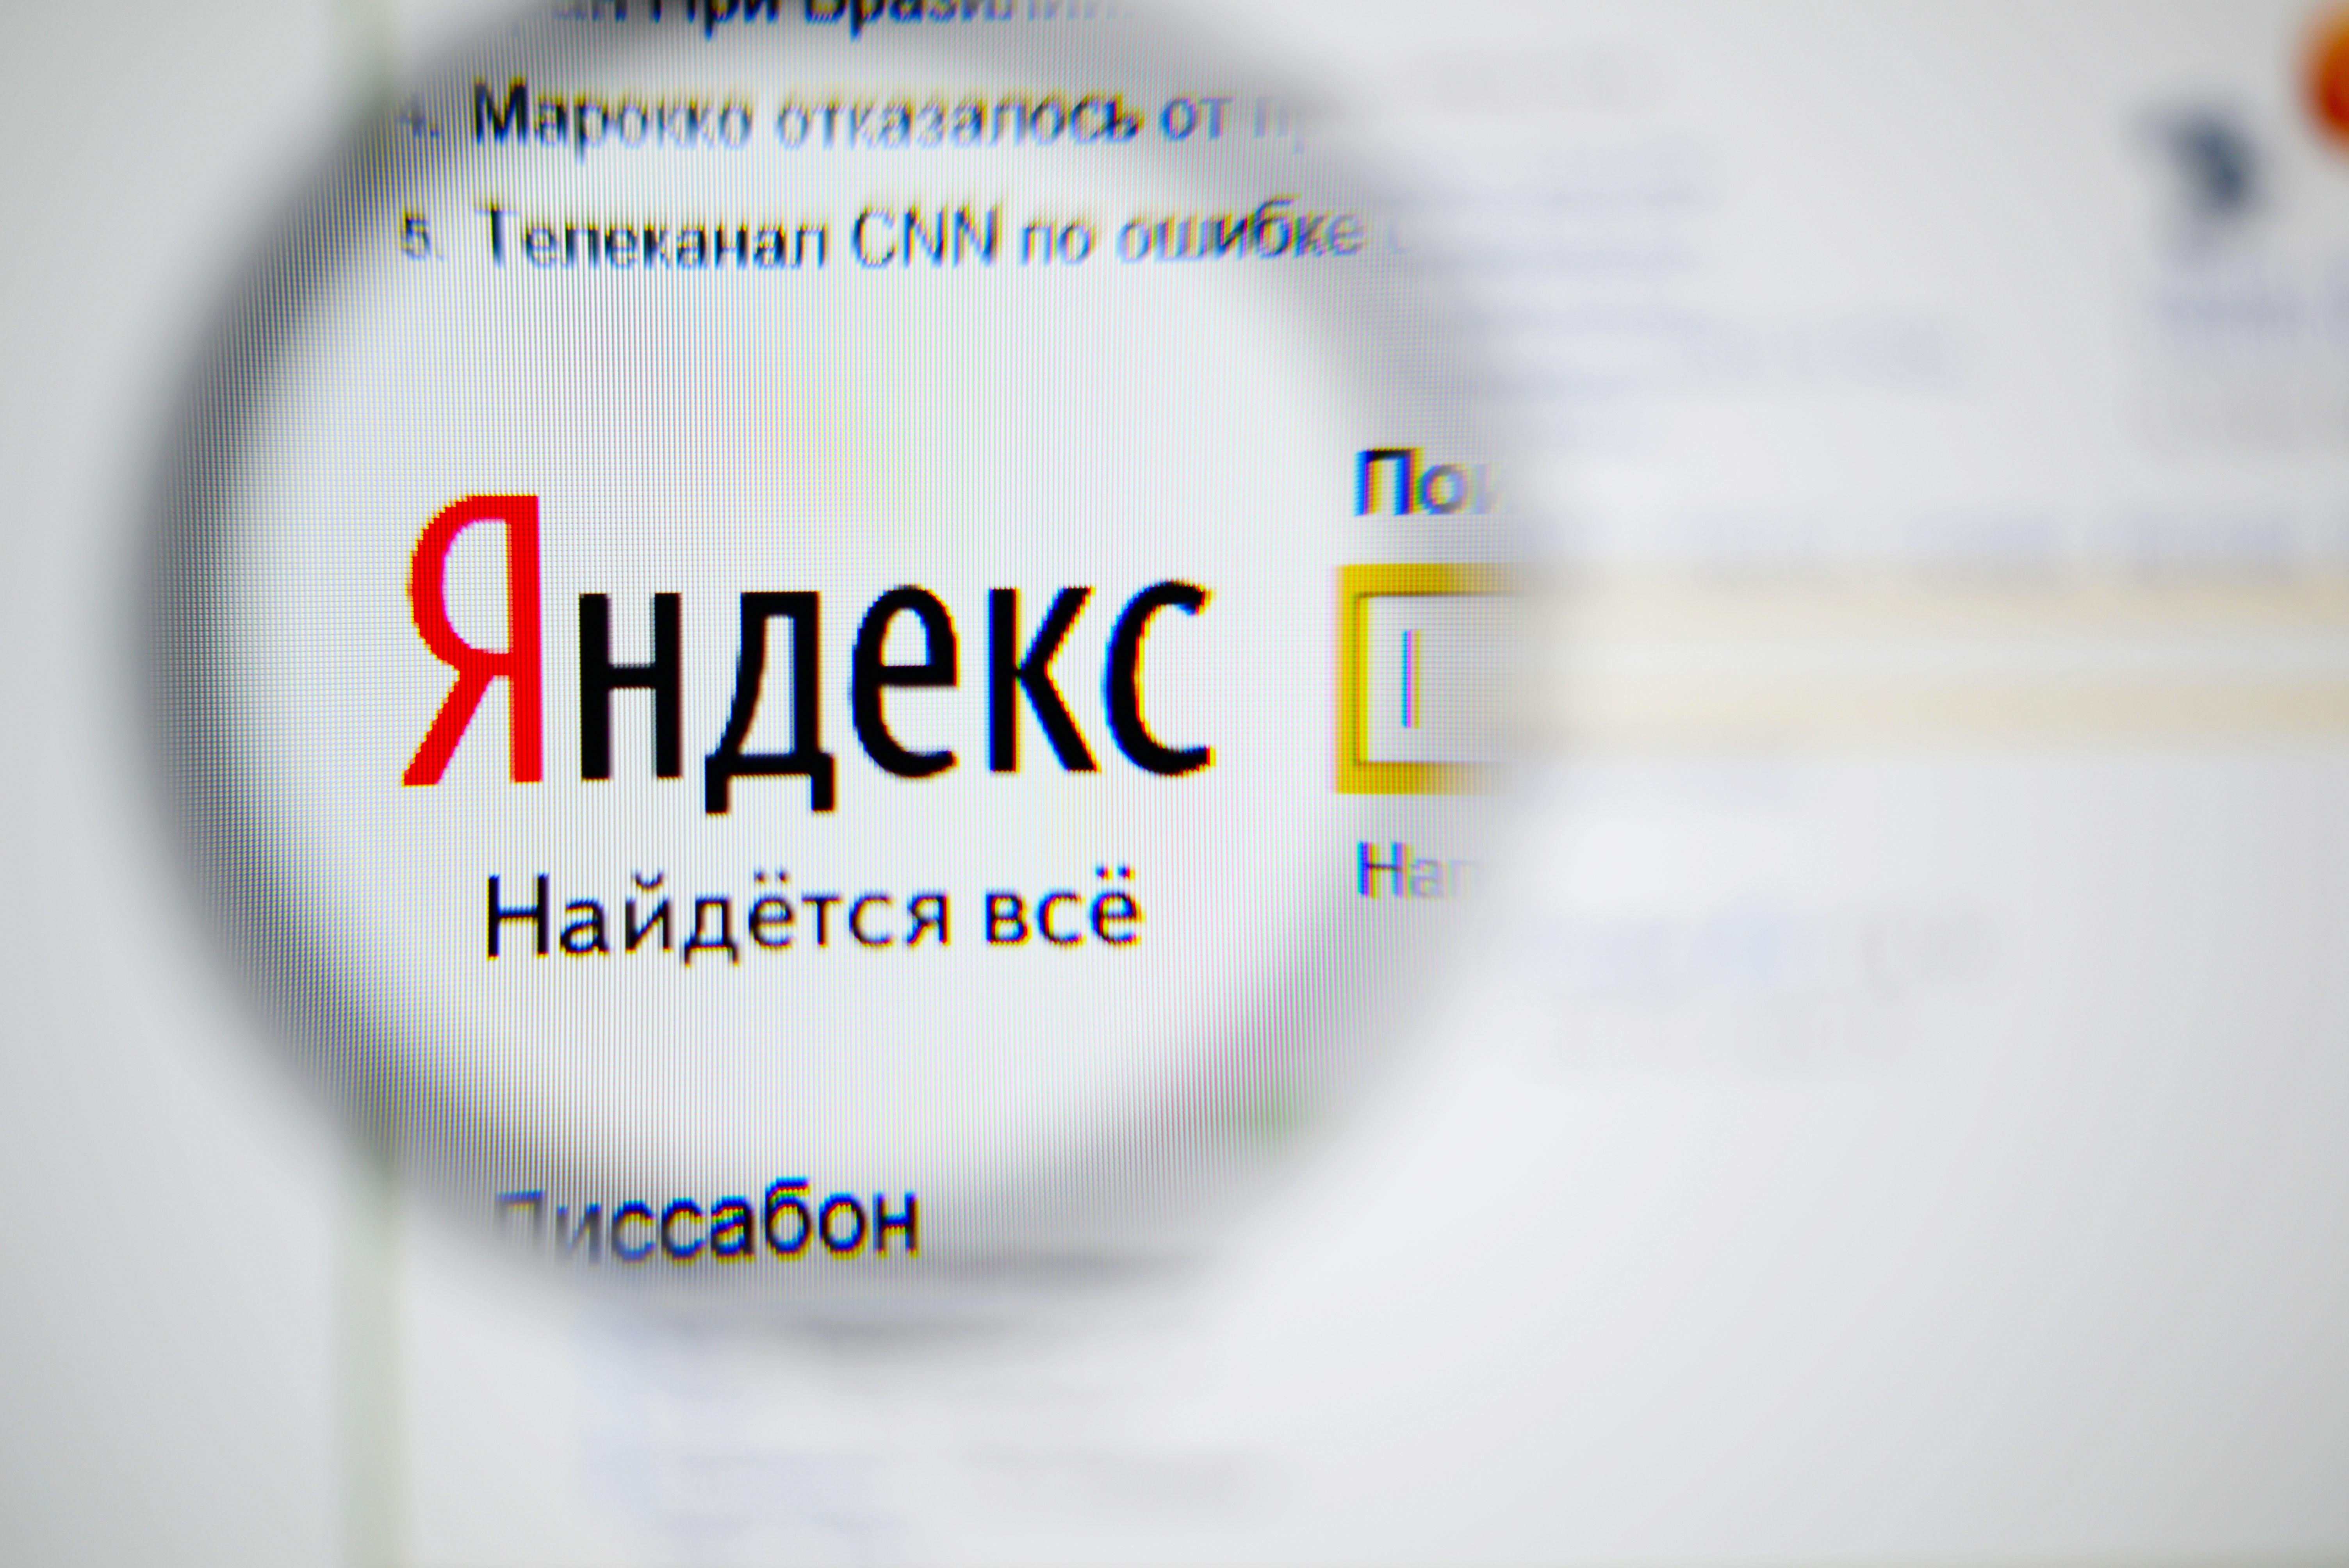 """""""Яндекс"""" и други интернет-компании критикуваха този законопроект още от момента, когато стана известно за него"""", заявиха в пресслужбата на """"Яндекс"""" пред """"Руски дневник"""". По същество на оператори в мрежата се предоставят функциите и на съд, и на правозащитни органи, които те не могат да упражняват по принцип."""